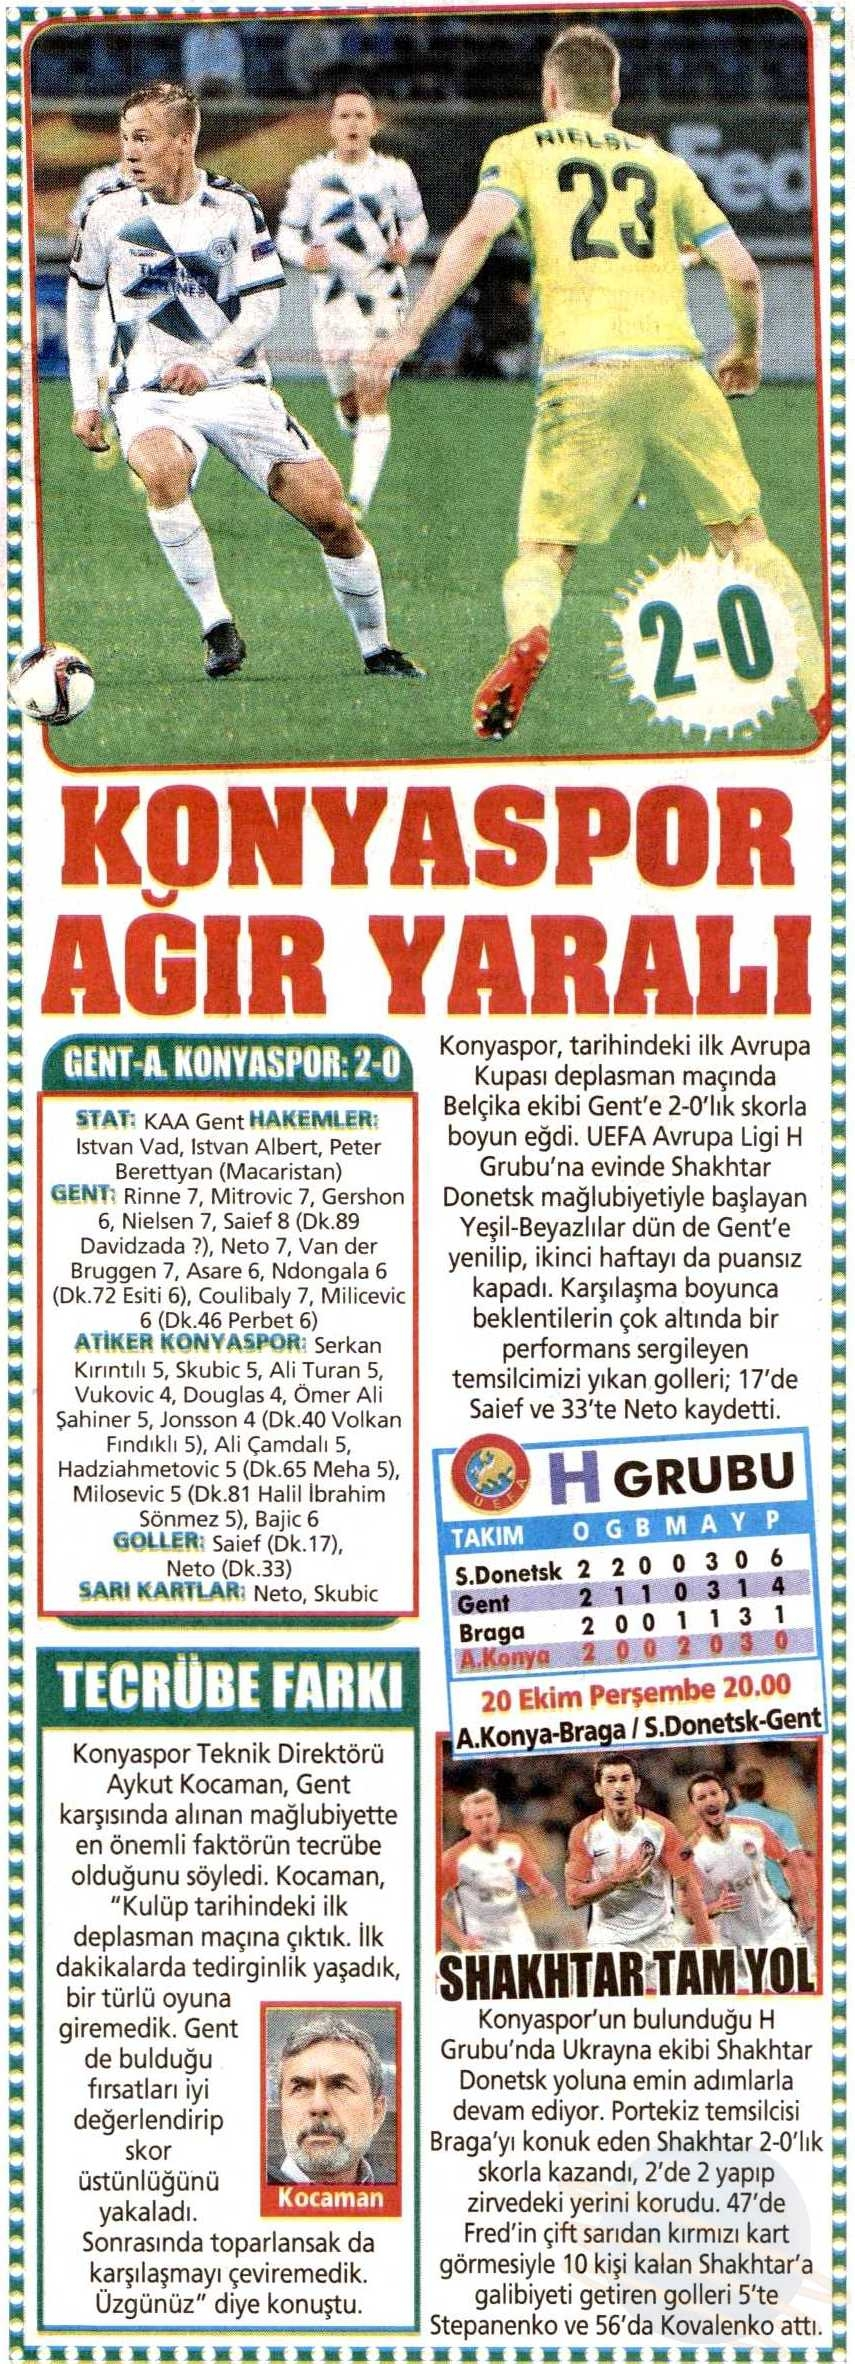 KAA Gent-Atiker Konyaspor maçının basına yansımaları 12